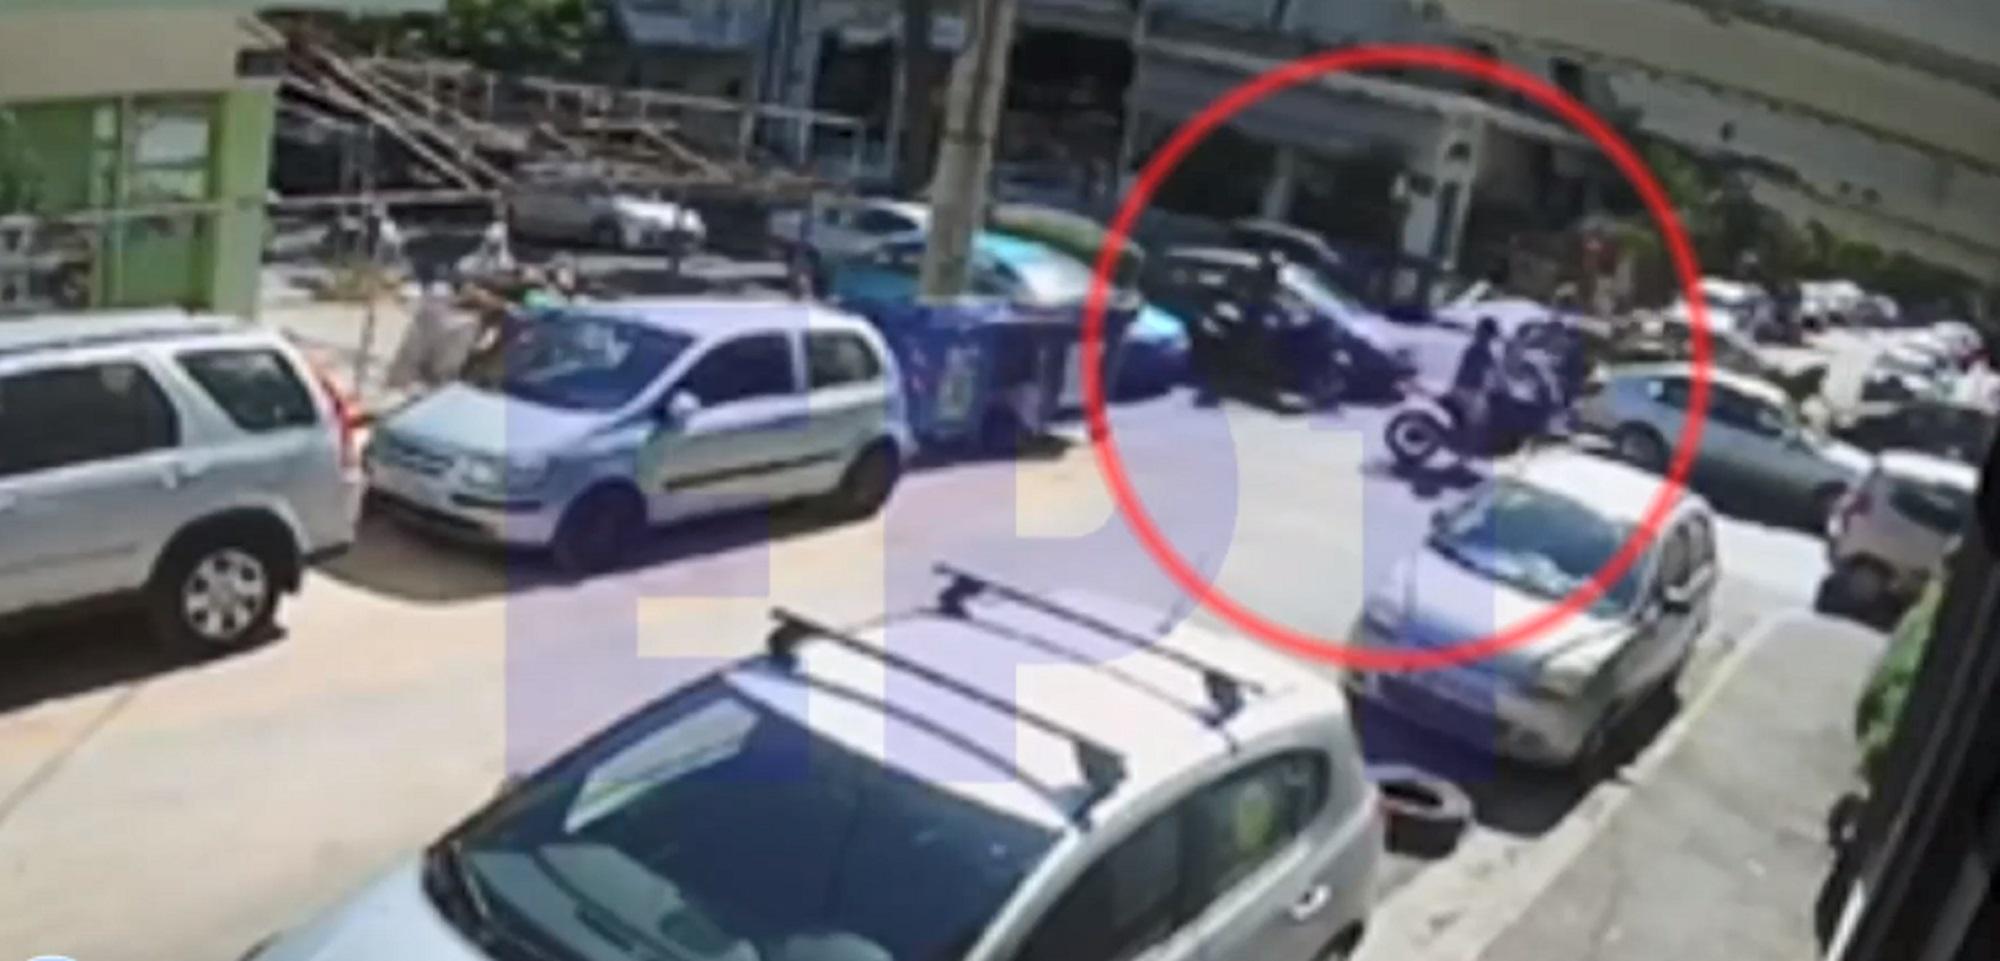 Στον εισαγγελέα για τρεις ένοπλες ληστείες ο 33χρονος δραπέτης – Οπλοστάσιο στο κρησφύγετό του